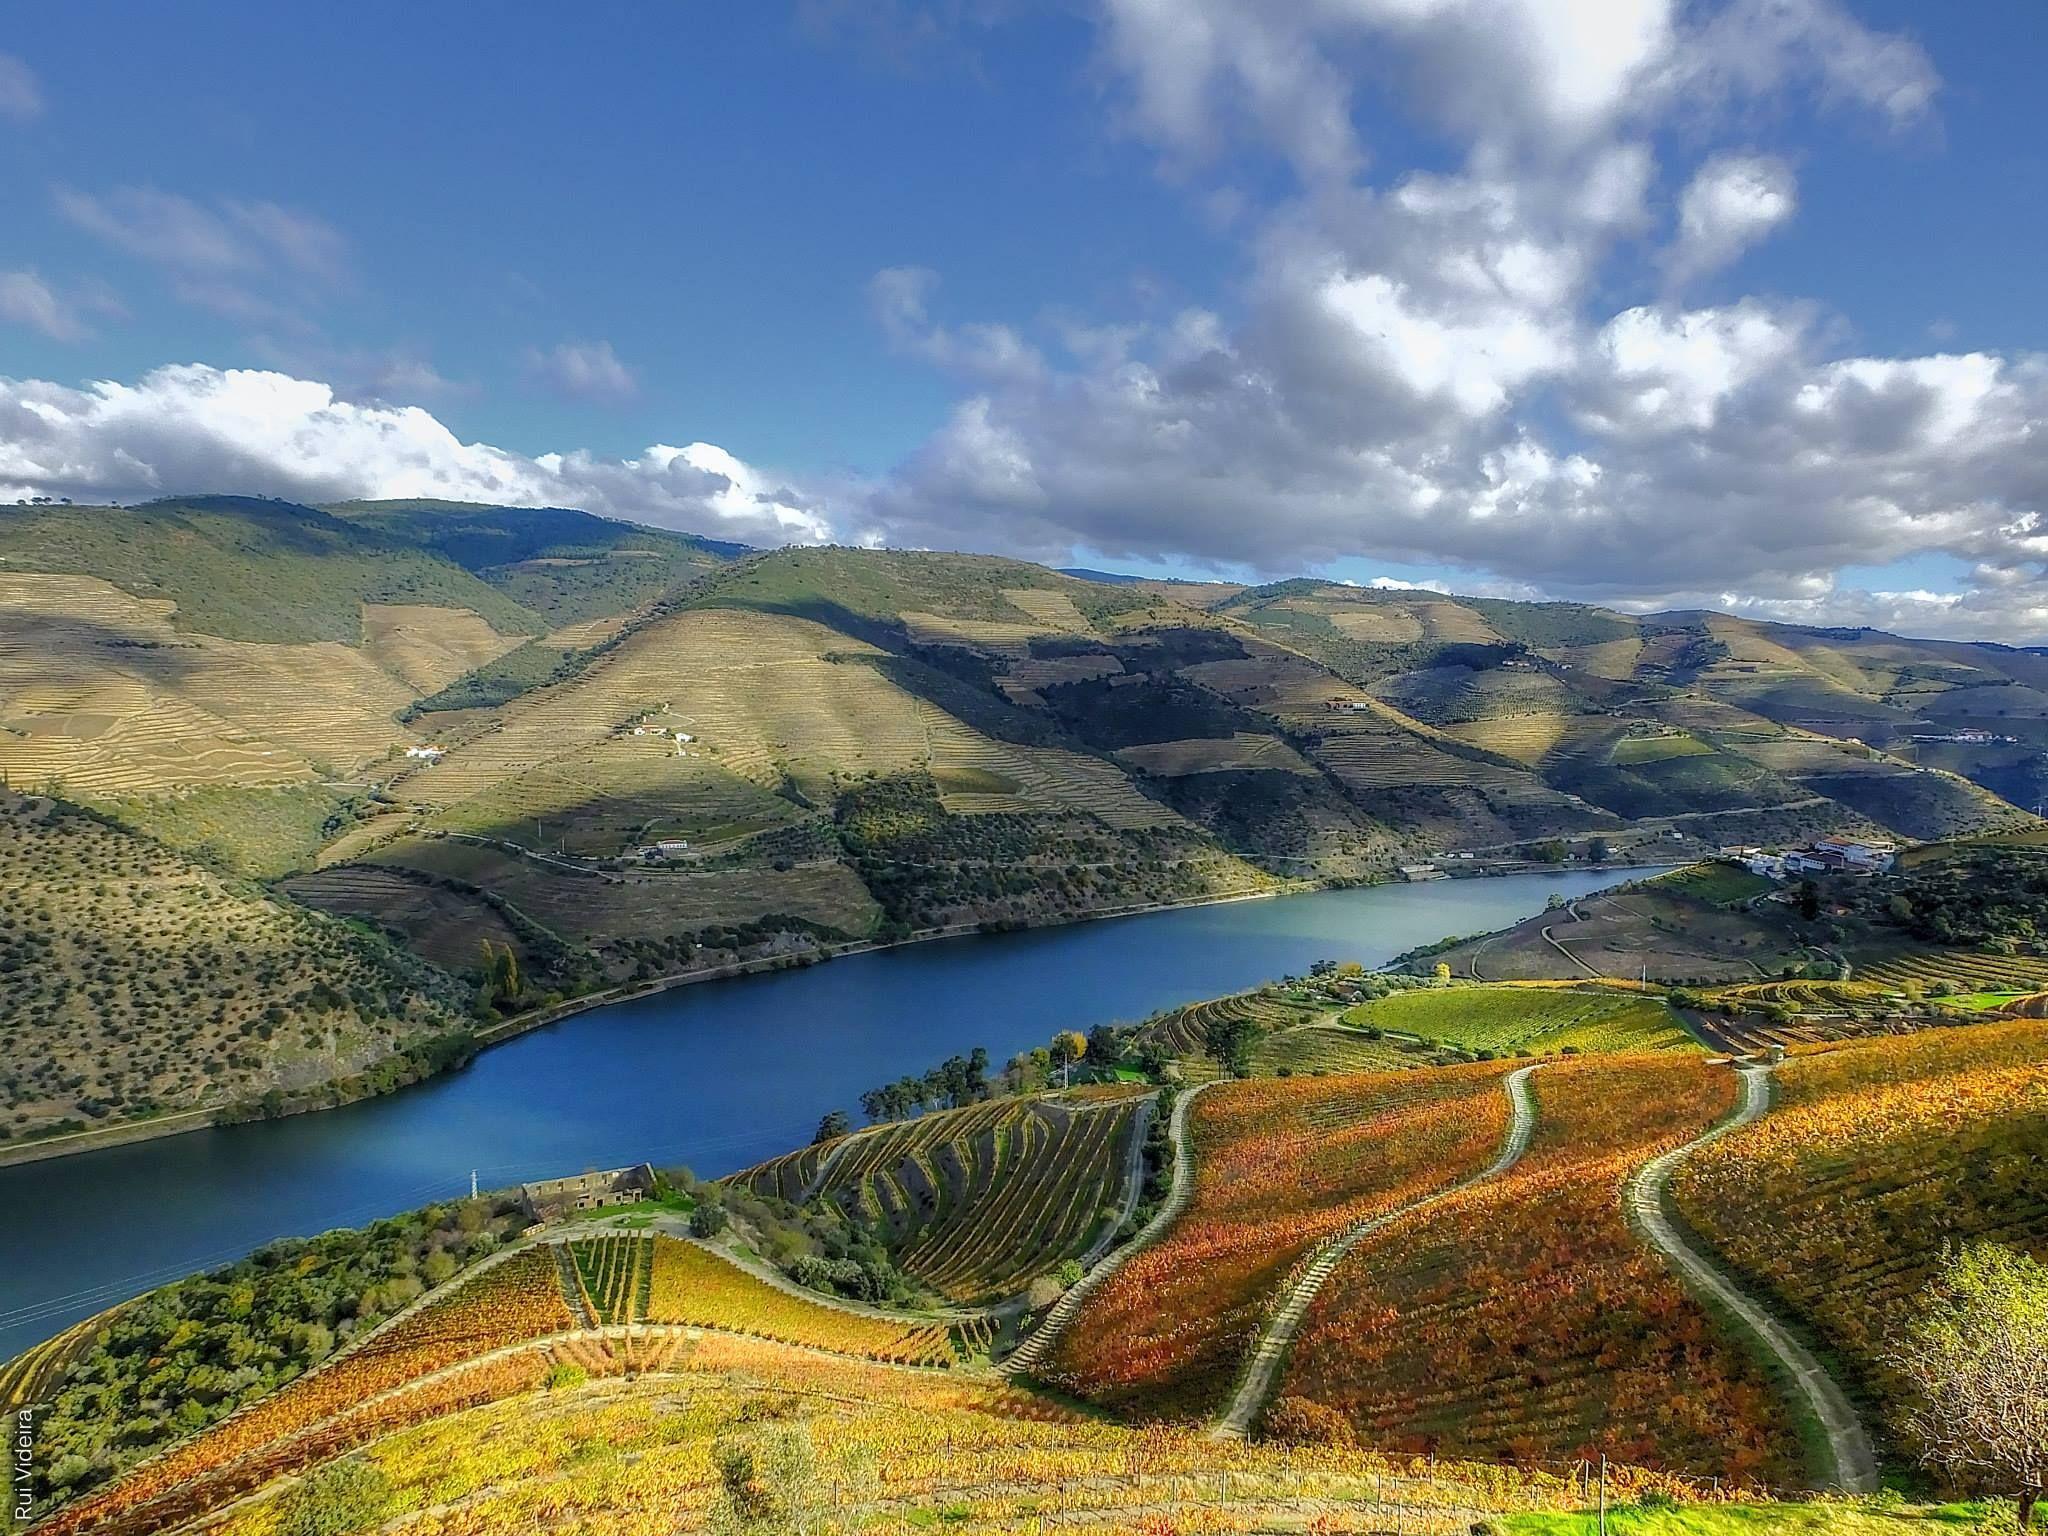 Douro (source: Rui Videira)